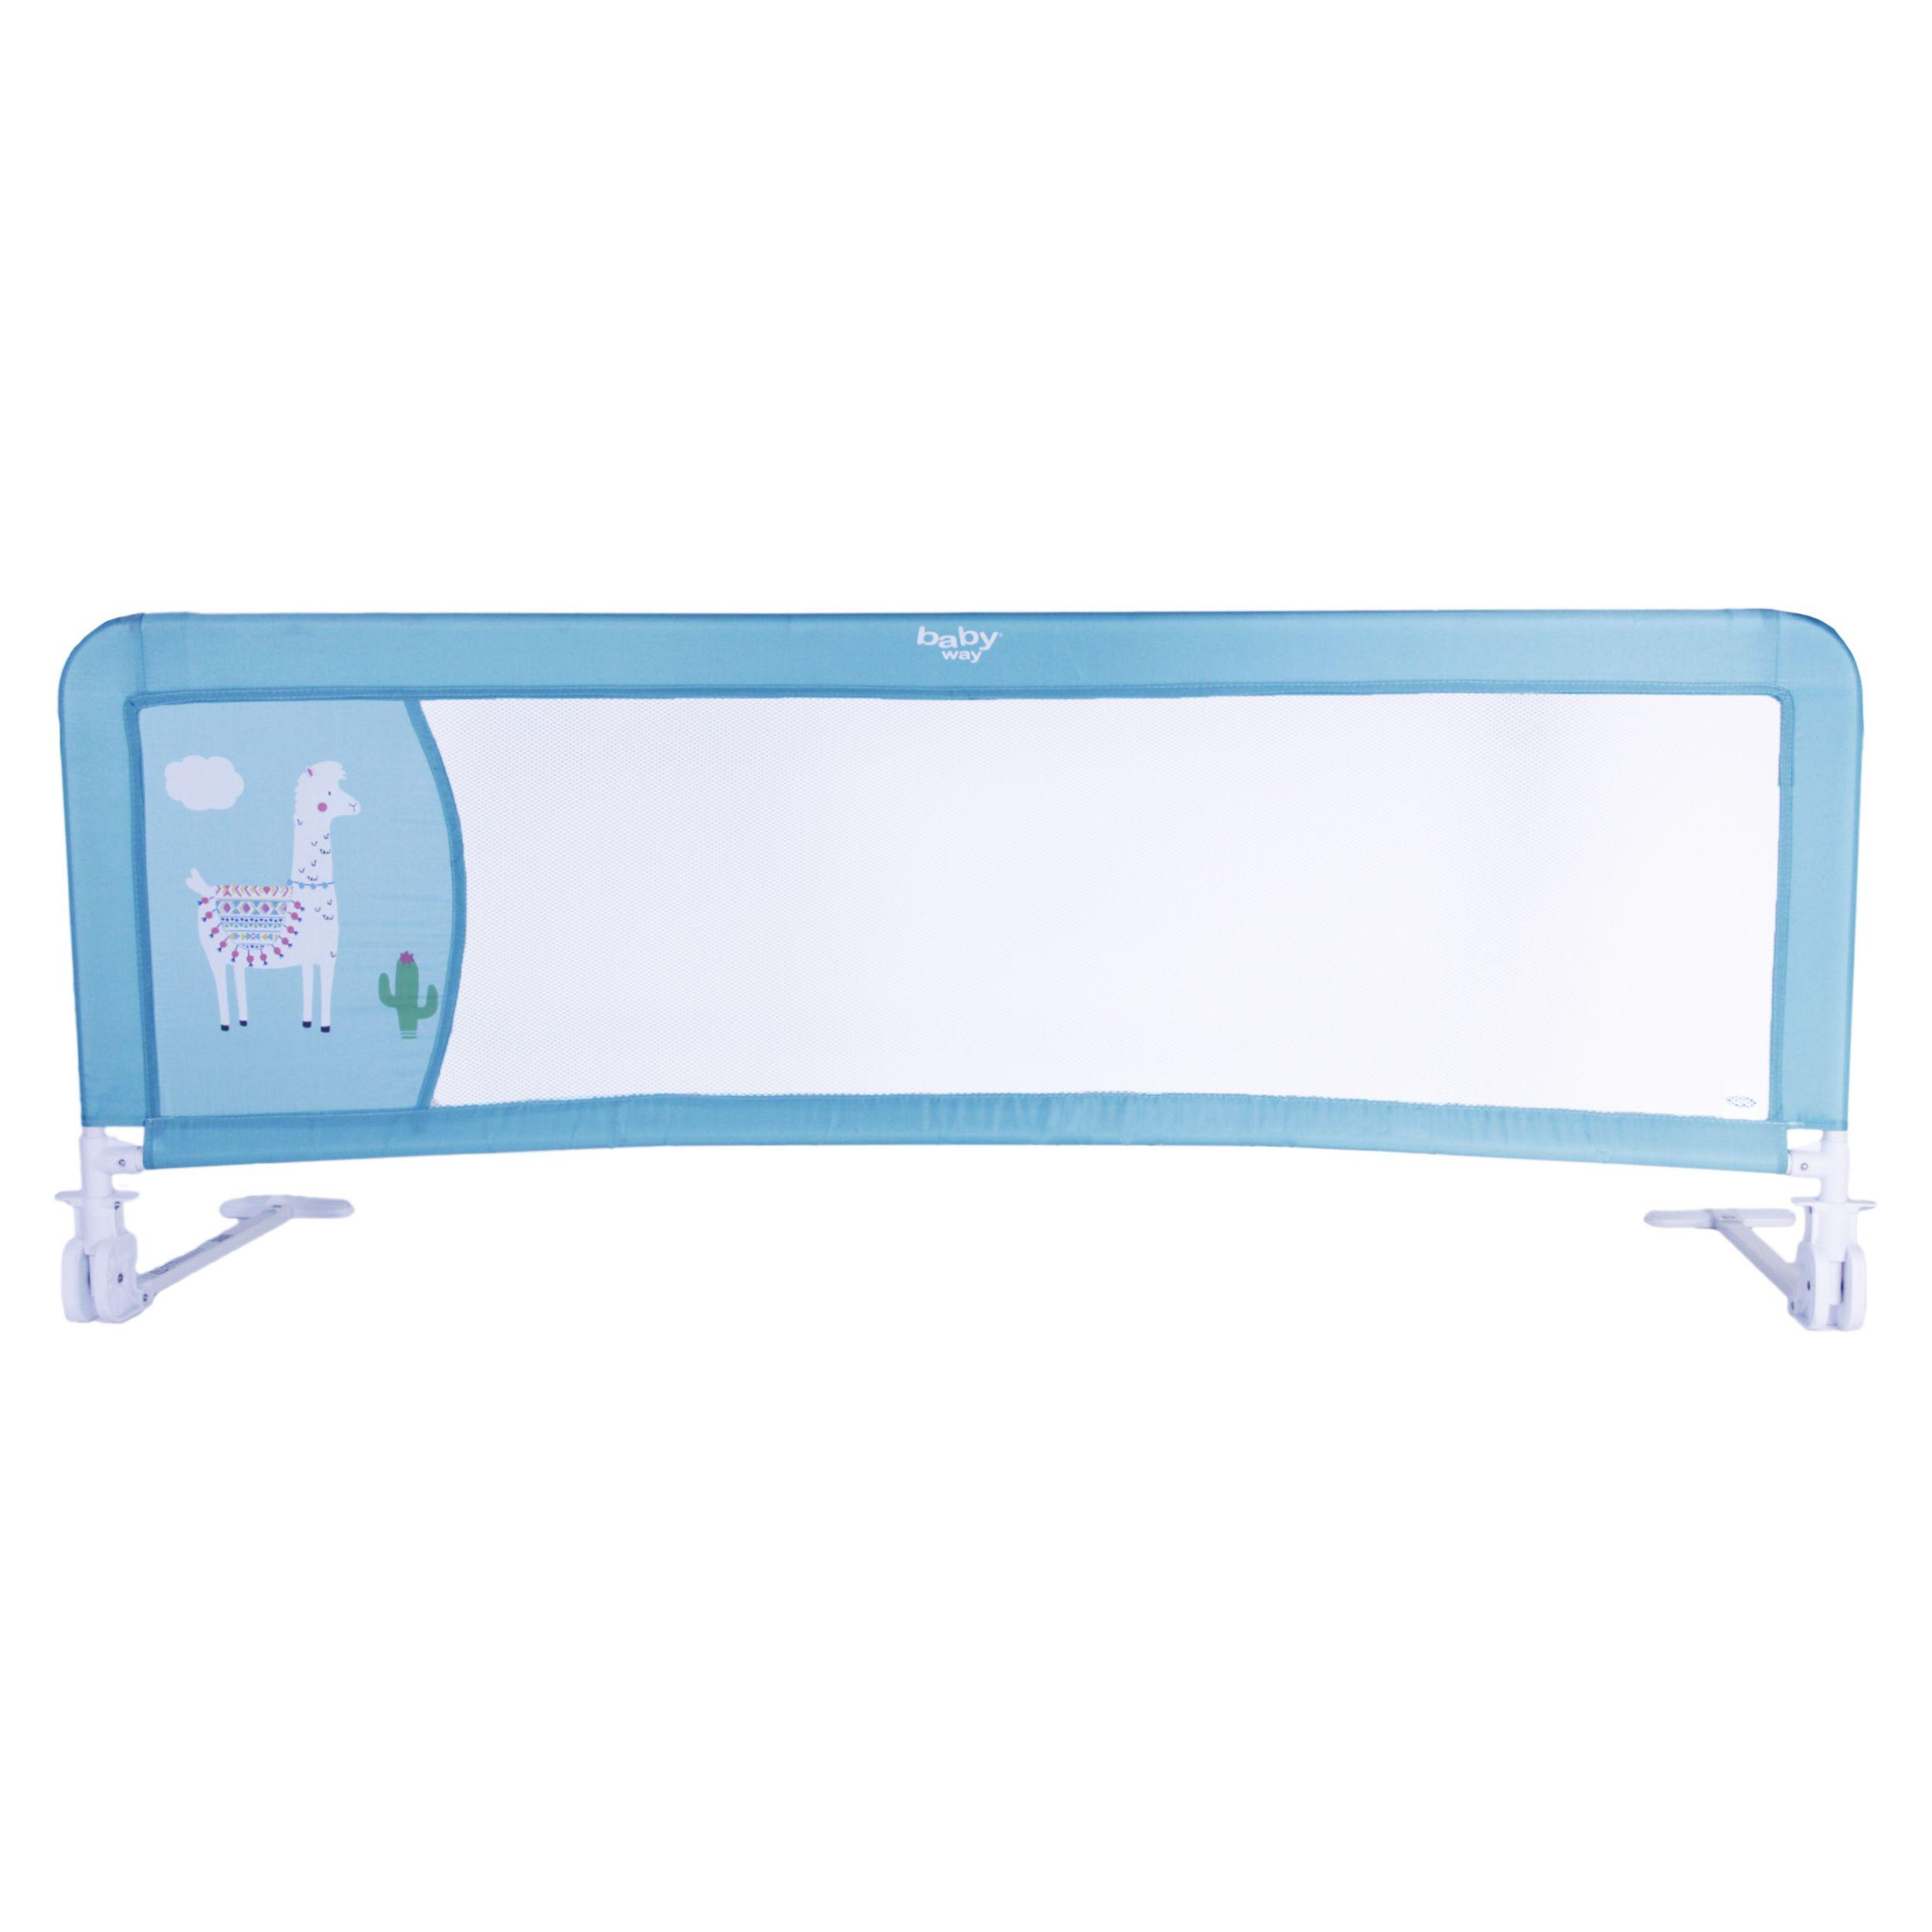 Baranda De Seguridad De Cama 150 Cms Color Turquesa Baby Way